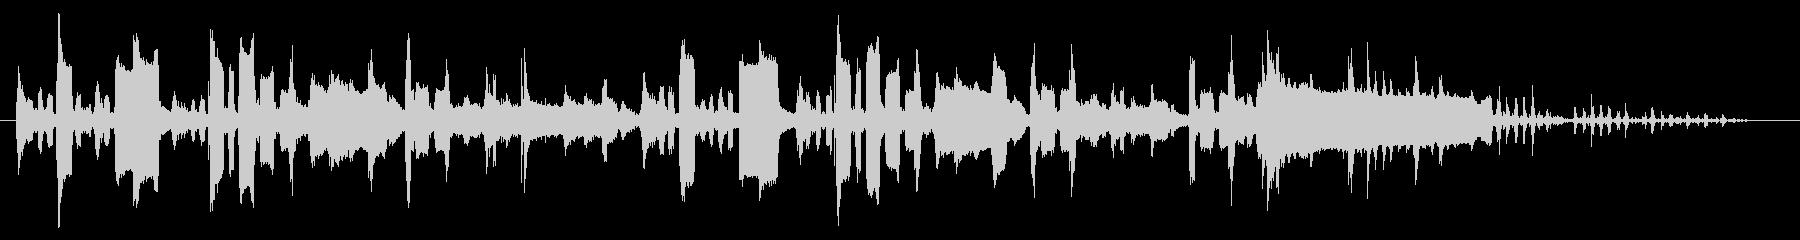 ほのぼのとした下手なオカリナの未再生の波形